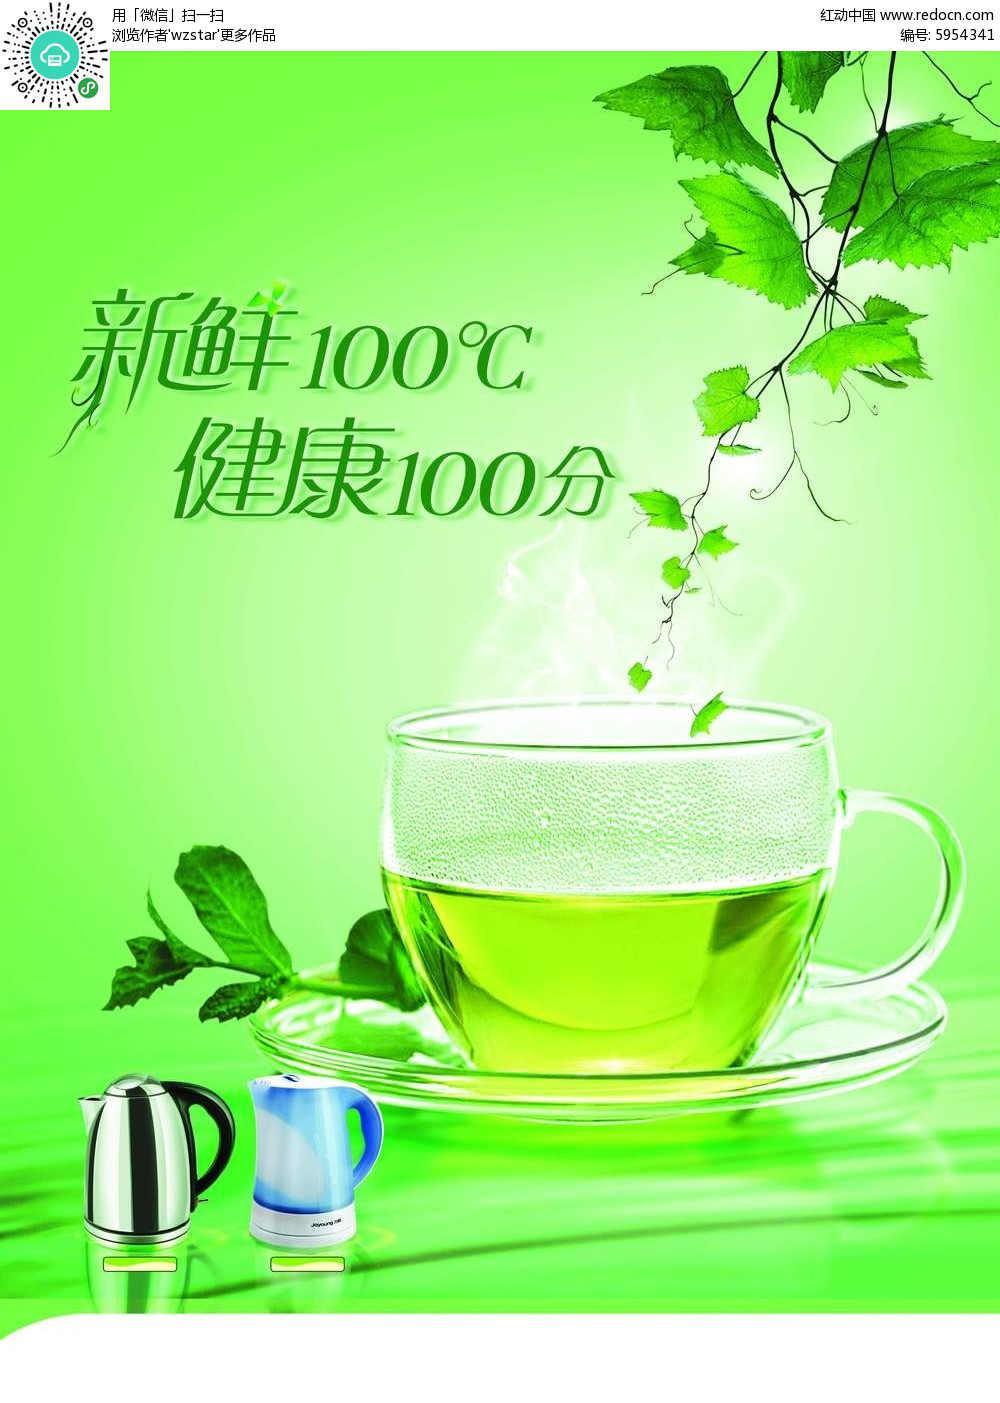 绿色健康茶具海报设计